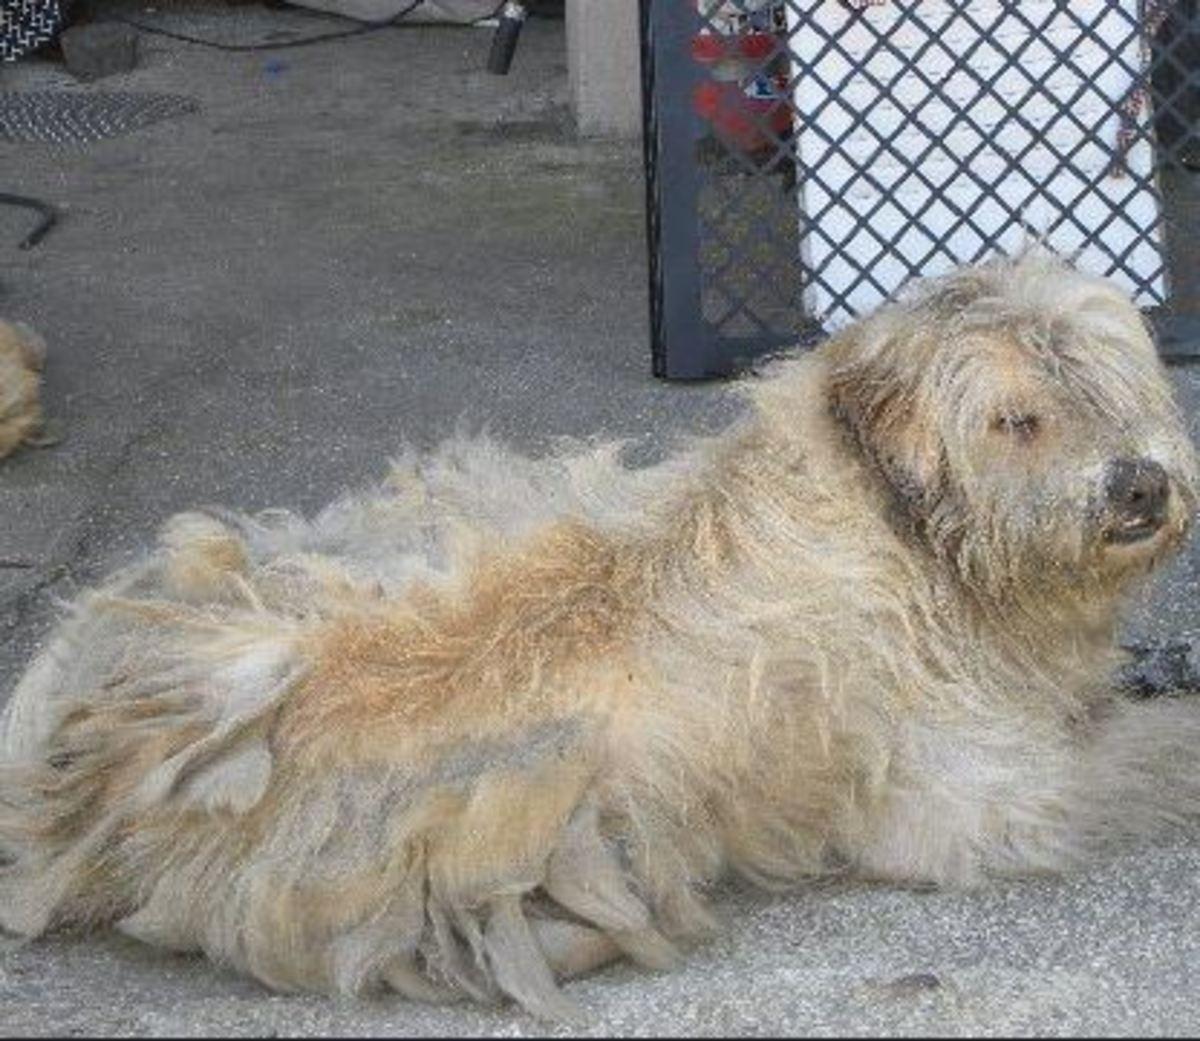 dog-coat-full-of-mats